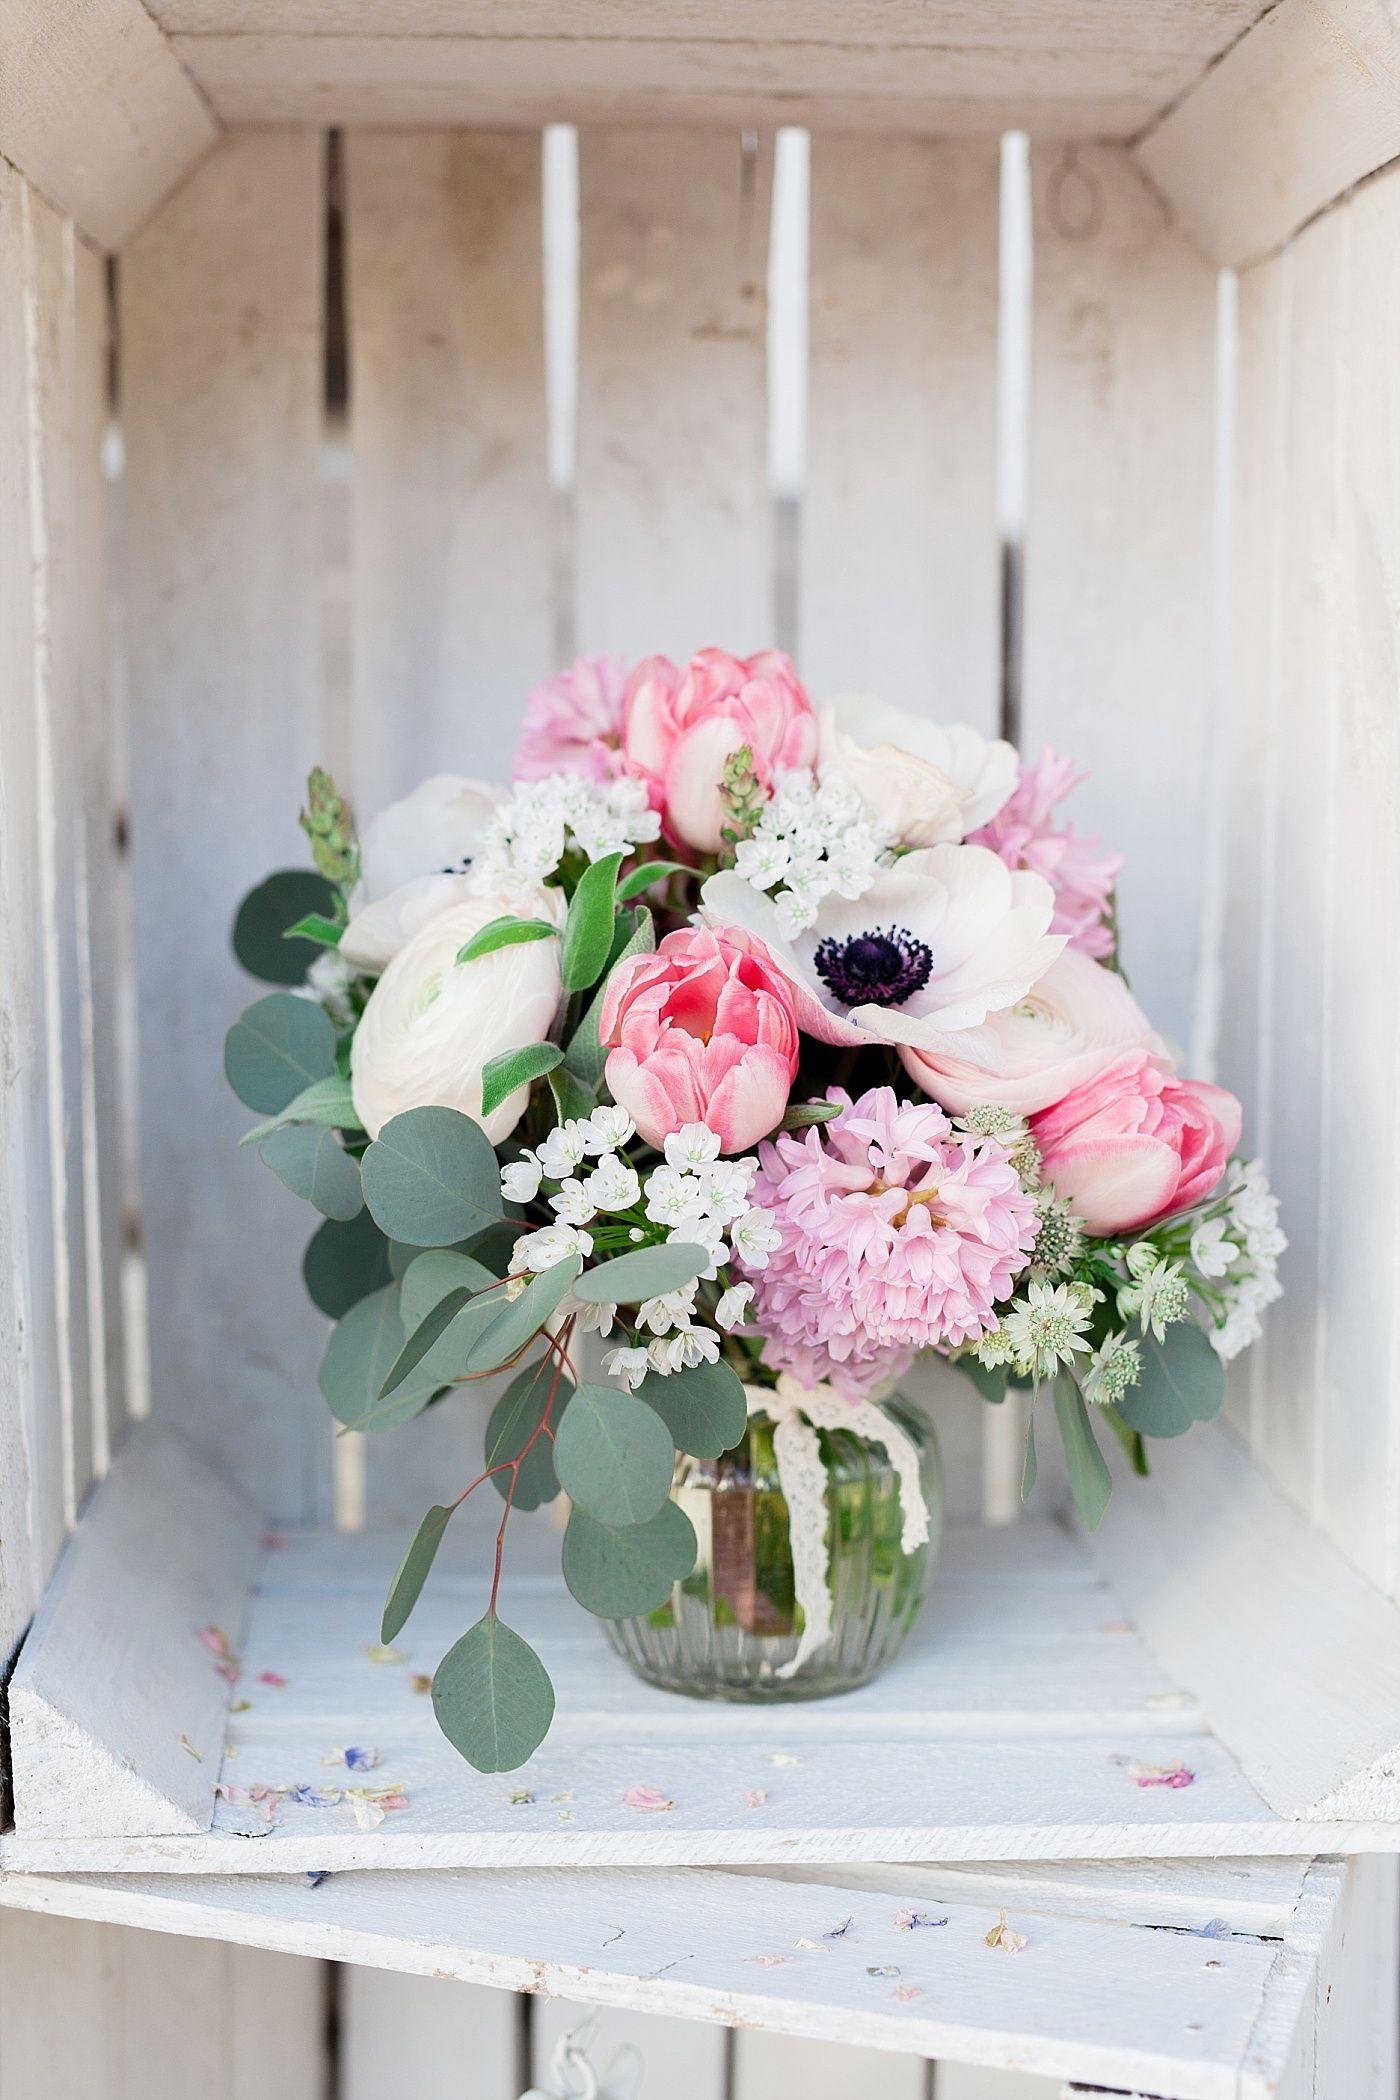 Wildromantische Almhtten Hochzeit  Brautstrauss und Hochzeit Blumendeko  Bridal Bouquets